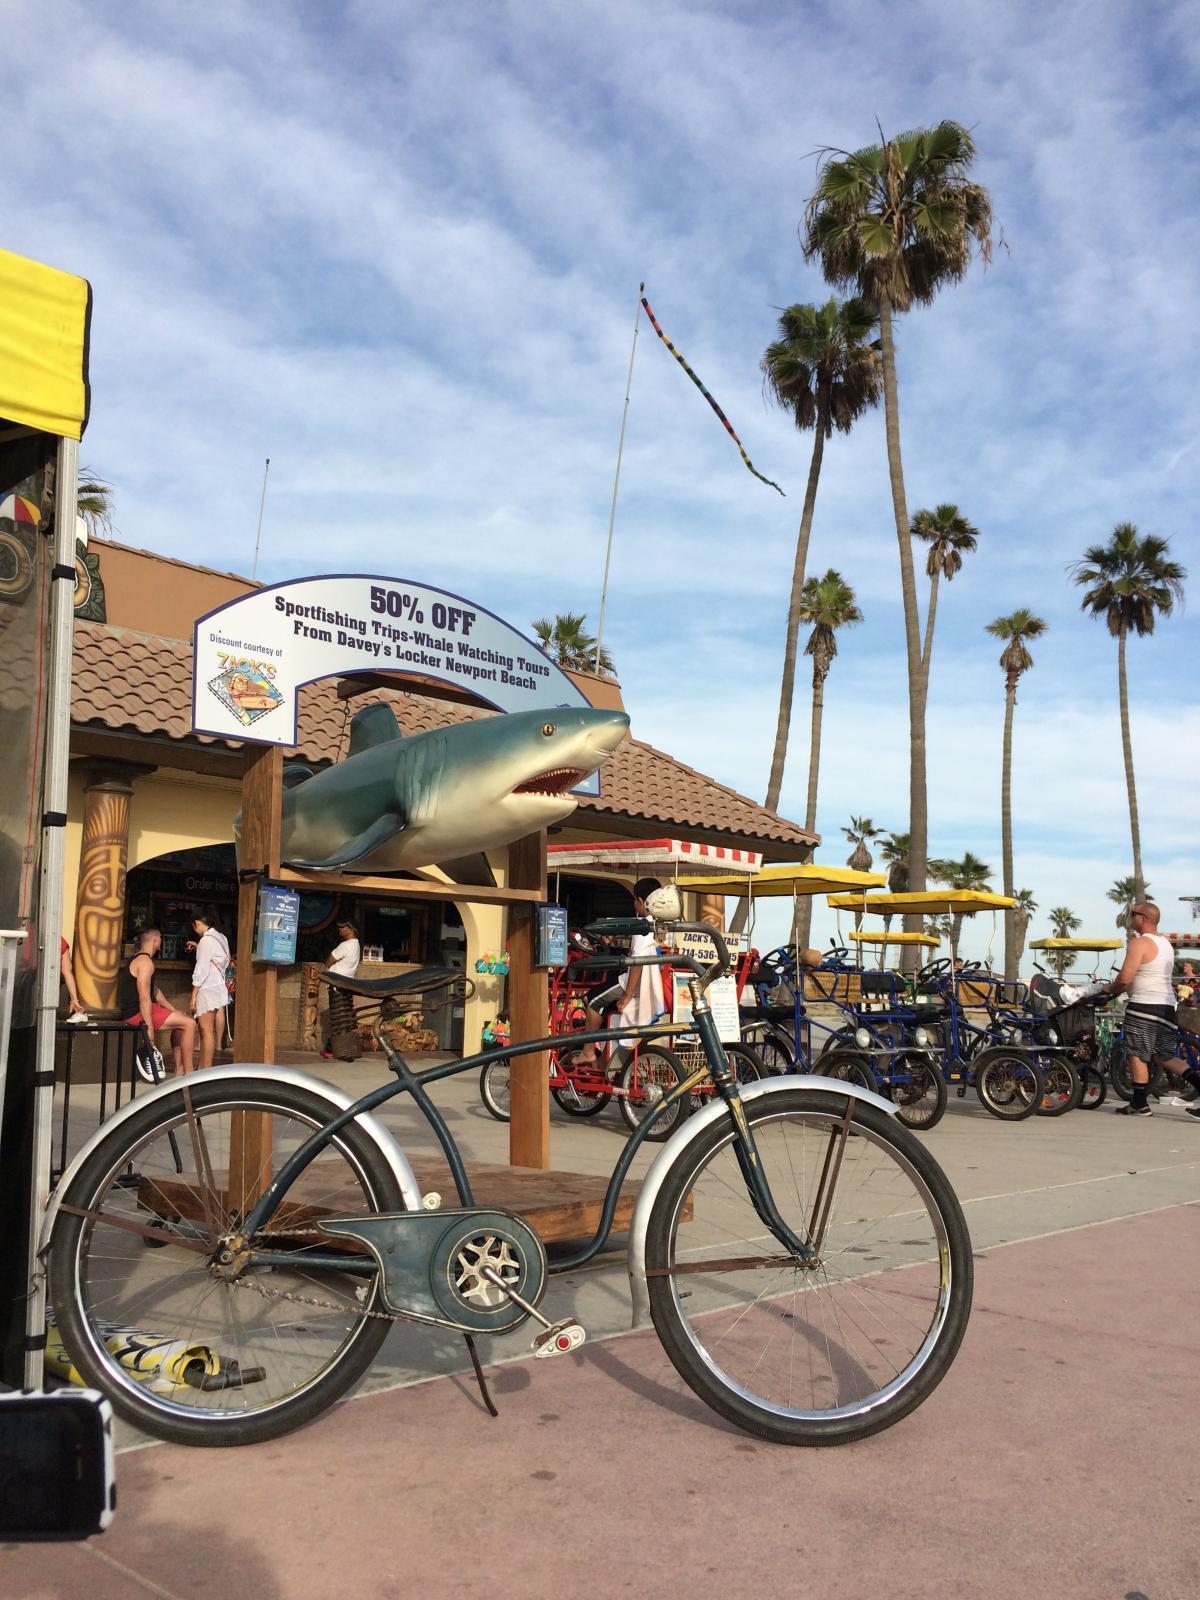 Westfield decal - Columbia Special - Shark week bicycle.jpg